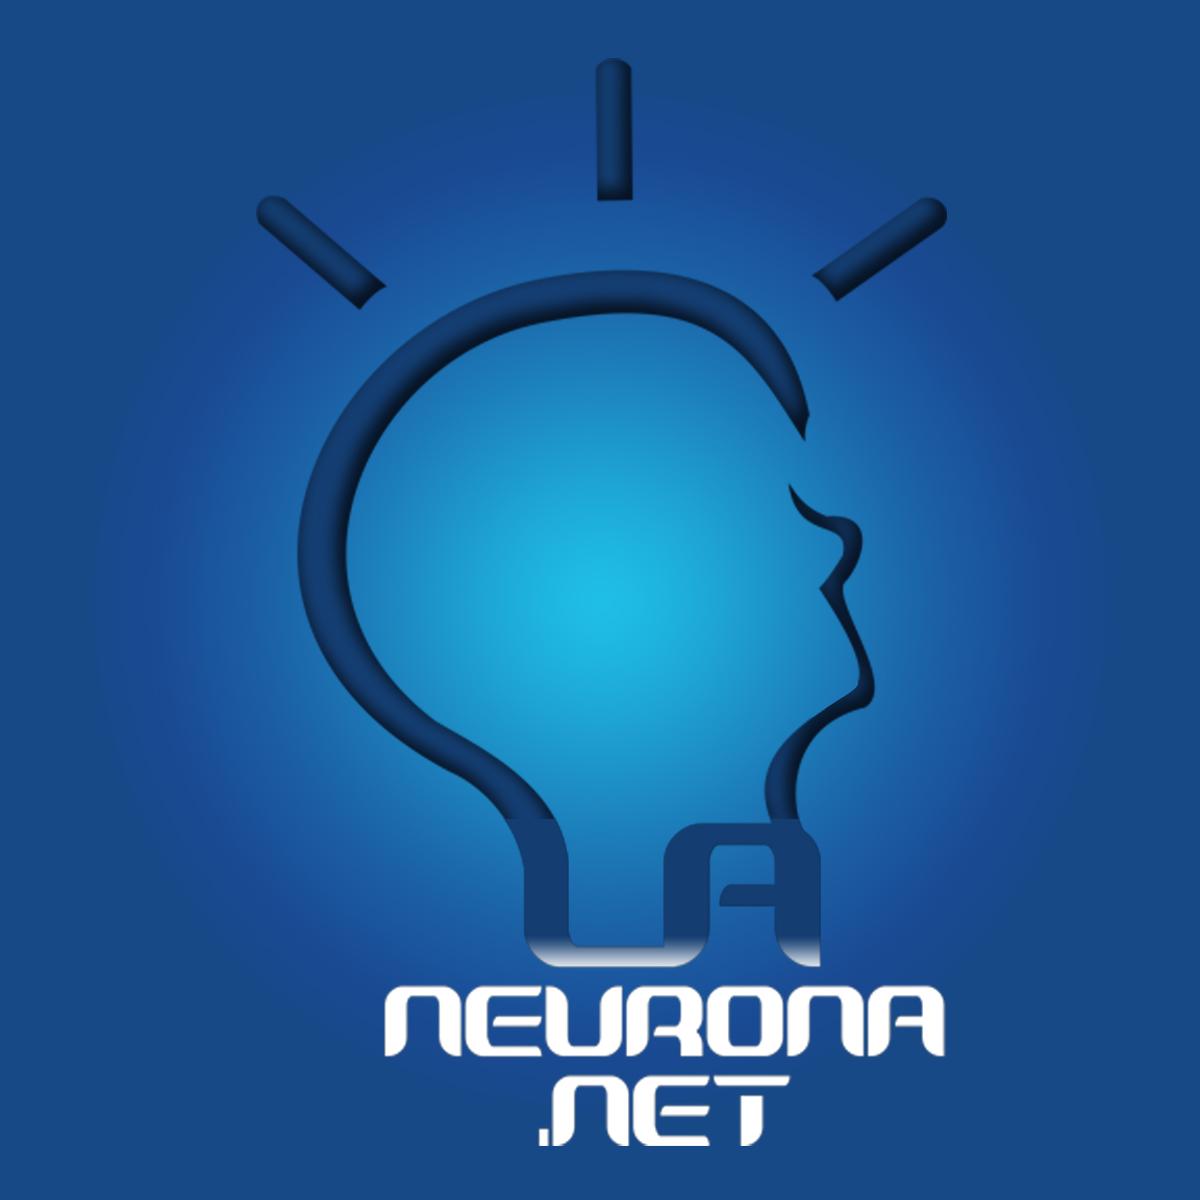 La neurona.net